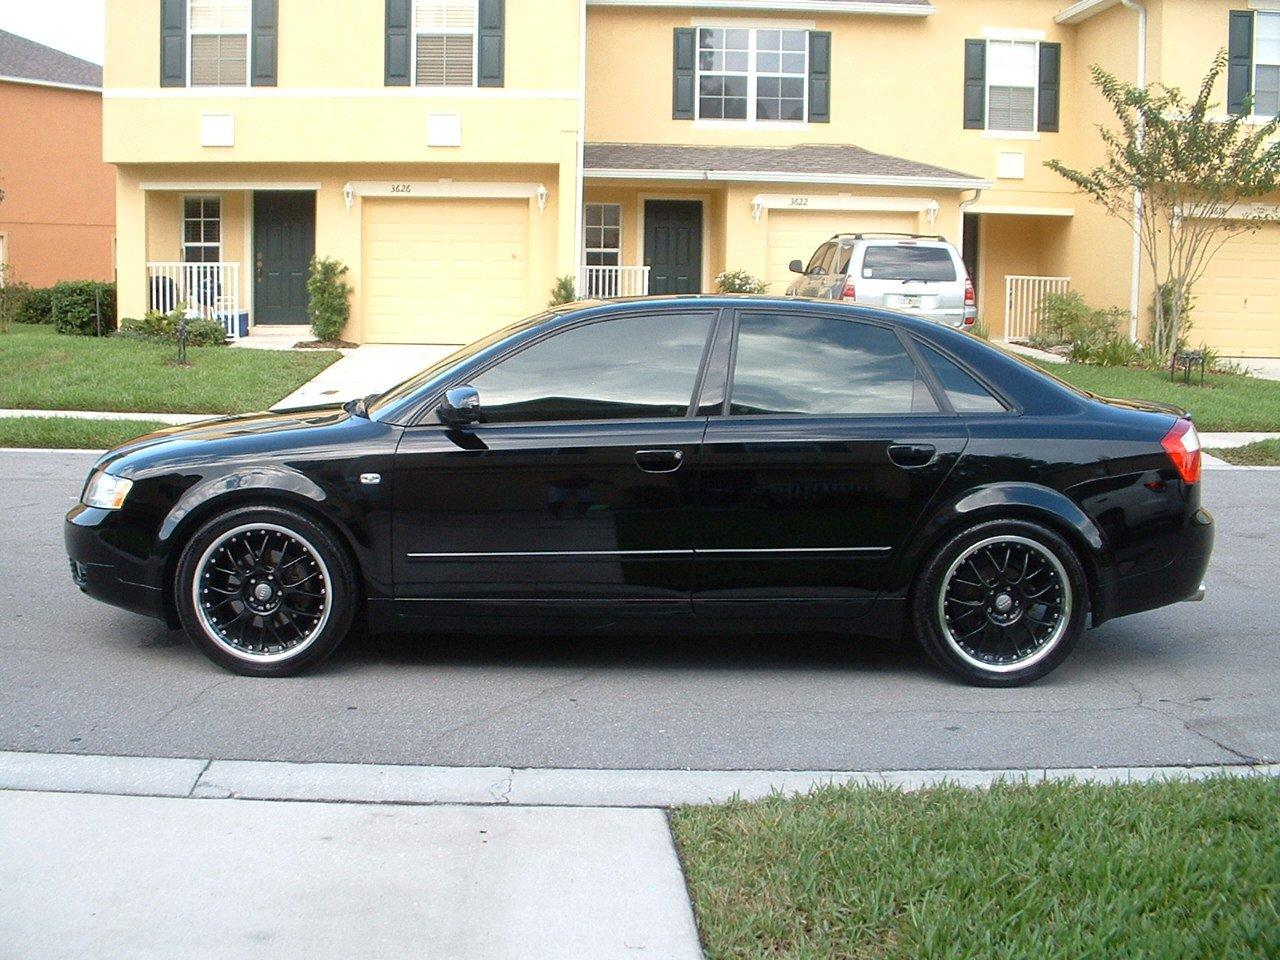 ... larger versionName:Mikes Audi 007.jpgViews:9649Size:331.8 KBID:5050